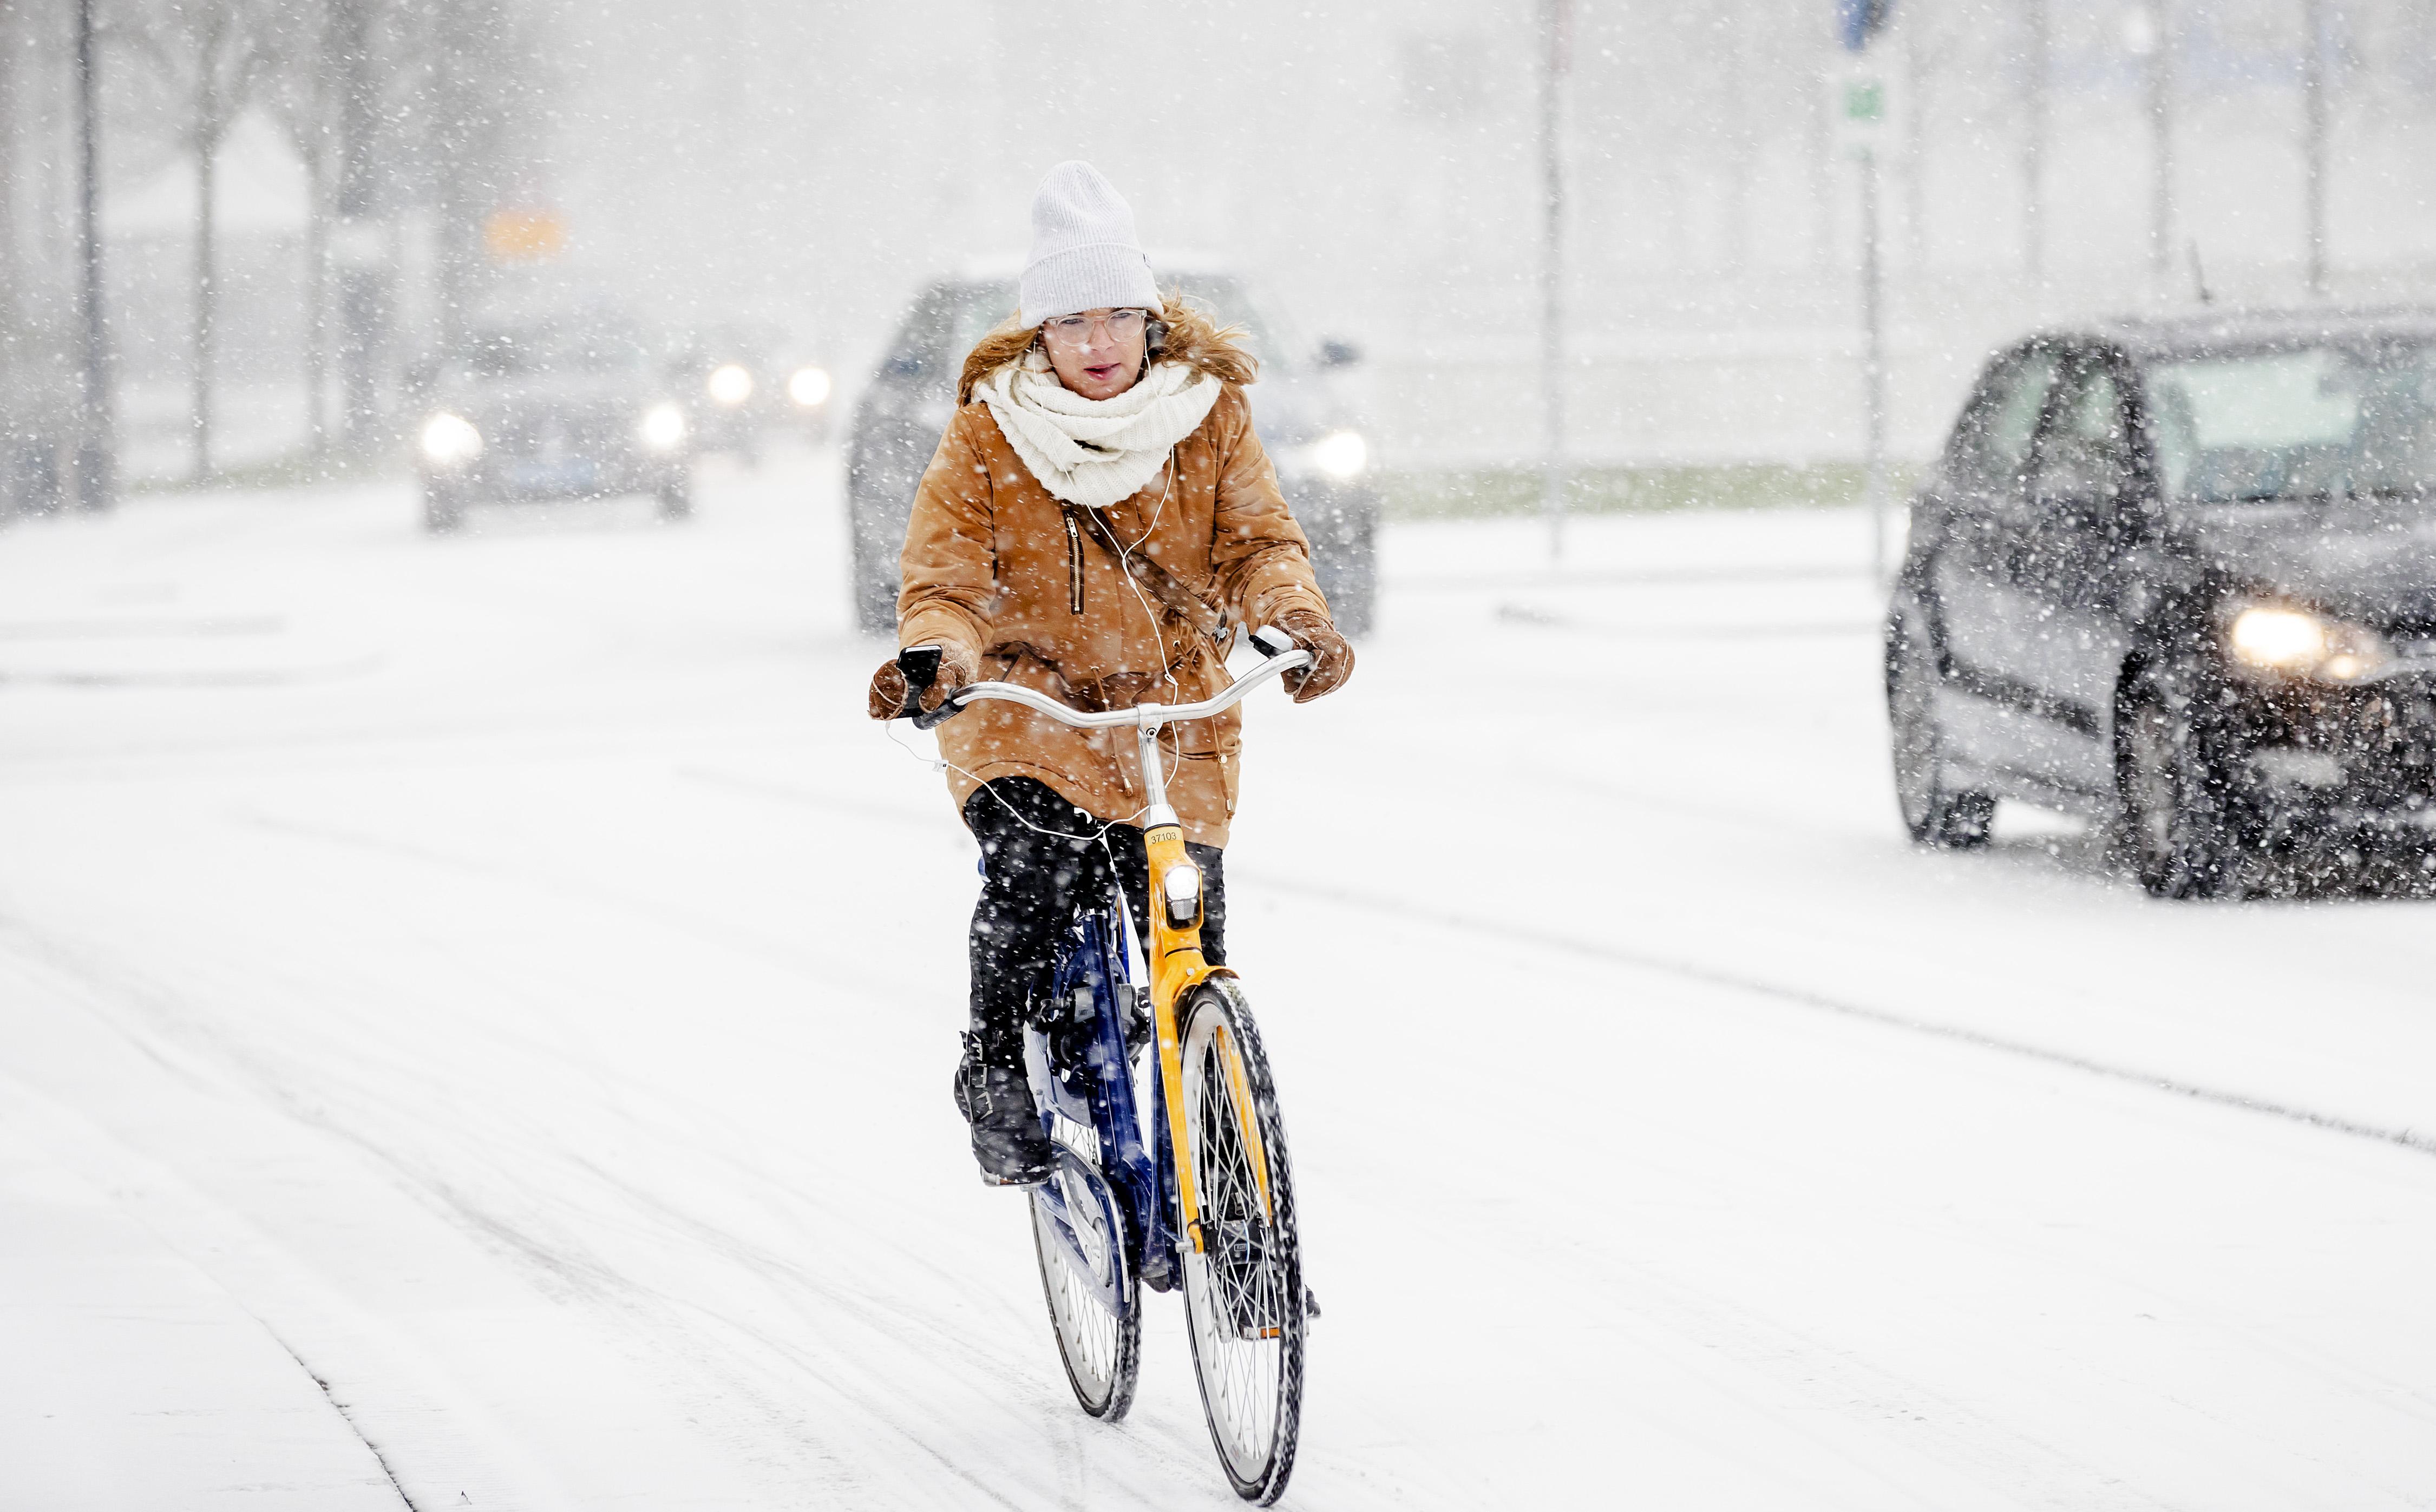 Nederland krijgt dit weekend te maken met veel sneeuw; laag tot 20 centimeter verwacht. Kans op sneeuwjachten door windkracht 7